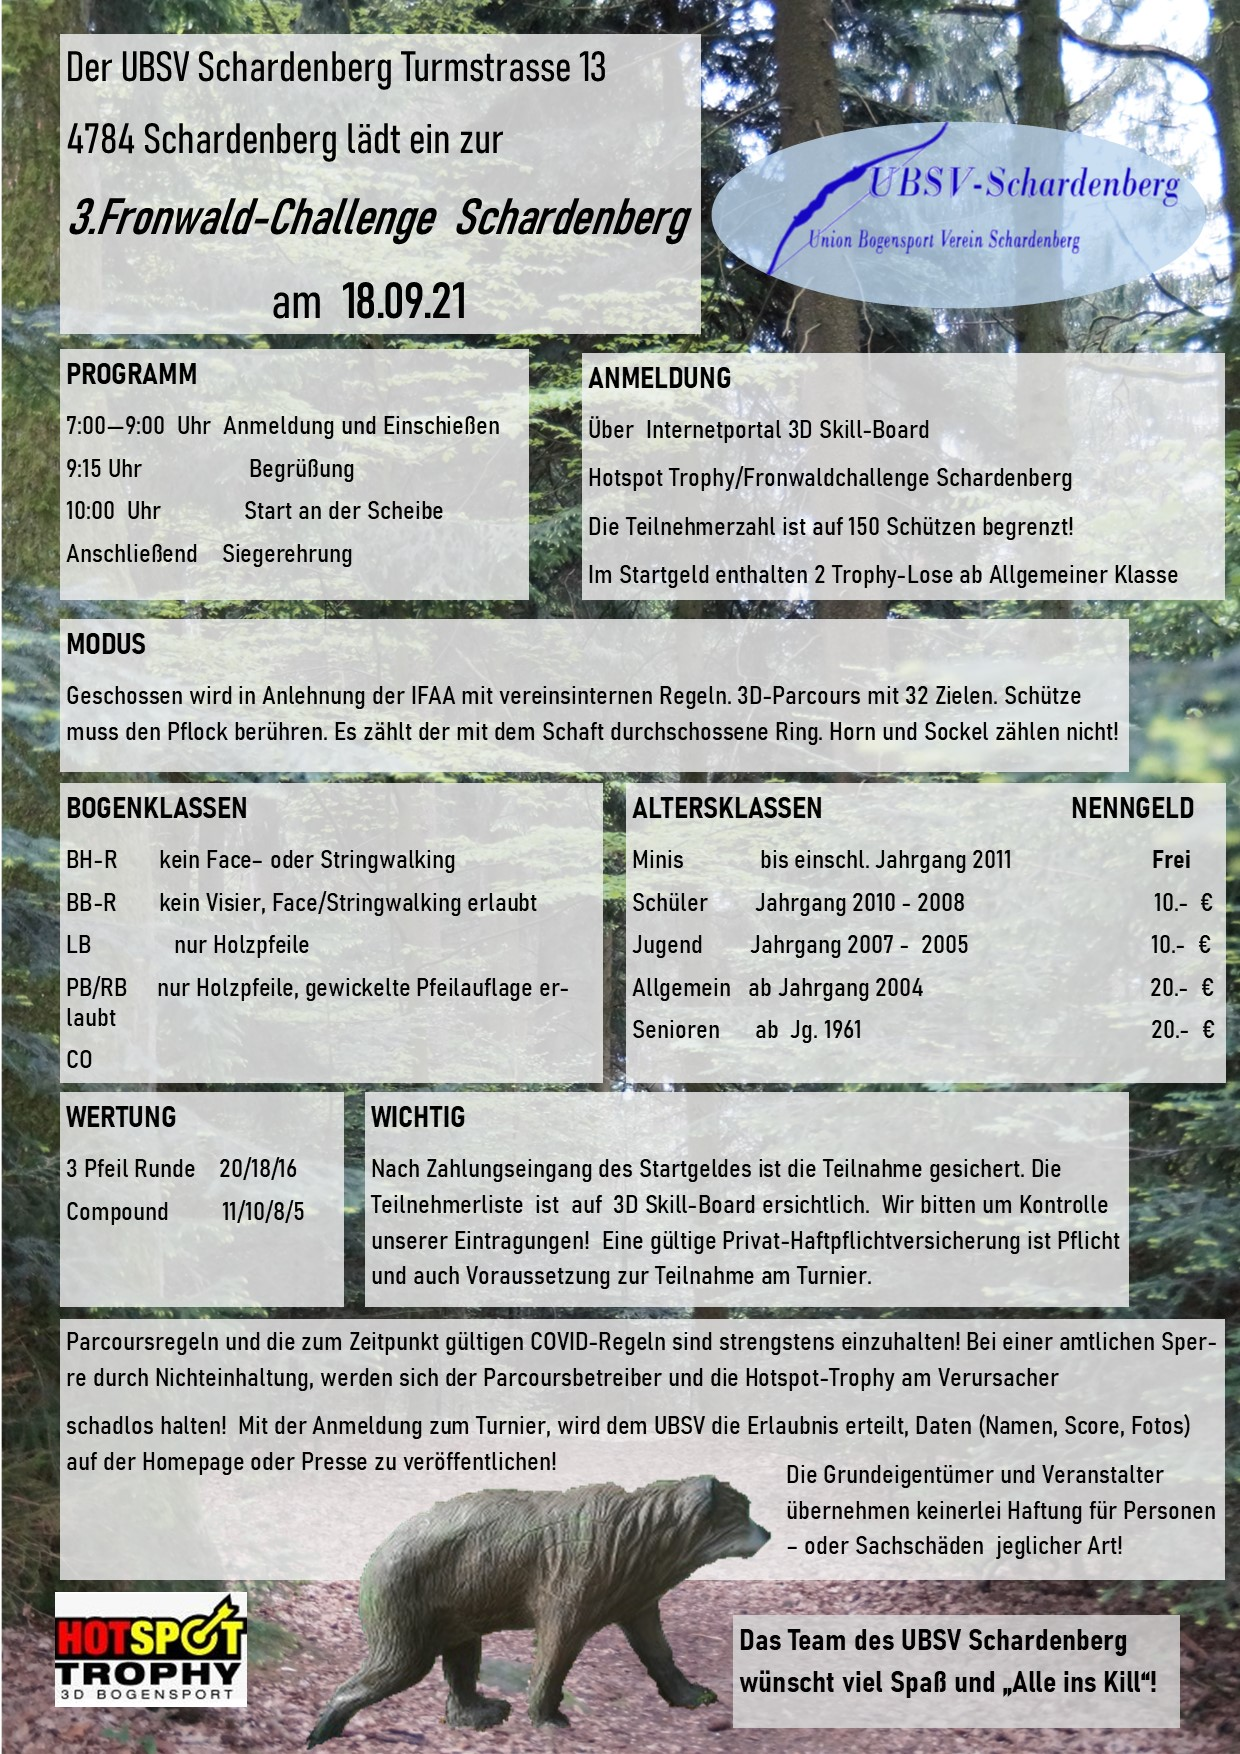 3. Fronwald-Challenge